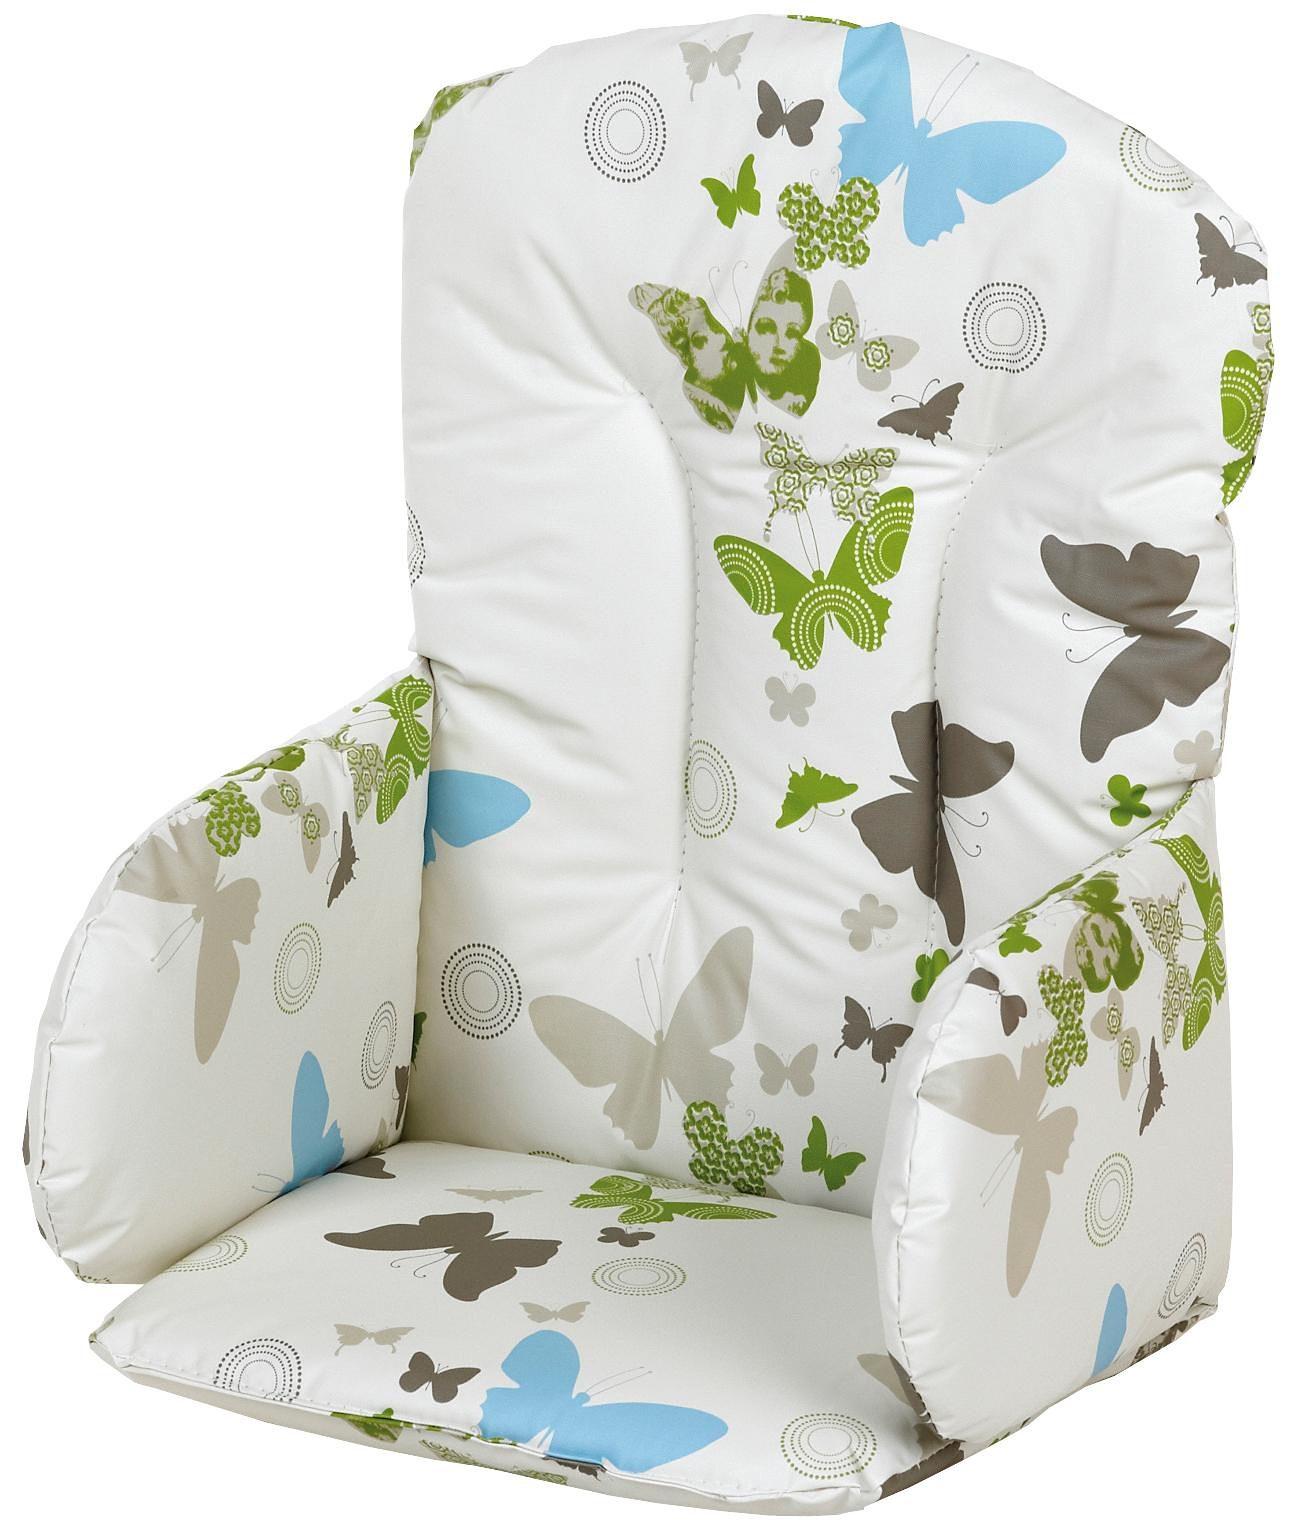 Geuther Sitzverkleinerer für Hochstuhl, Folie, Schmetterling